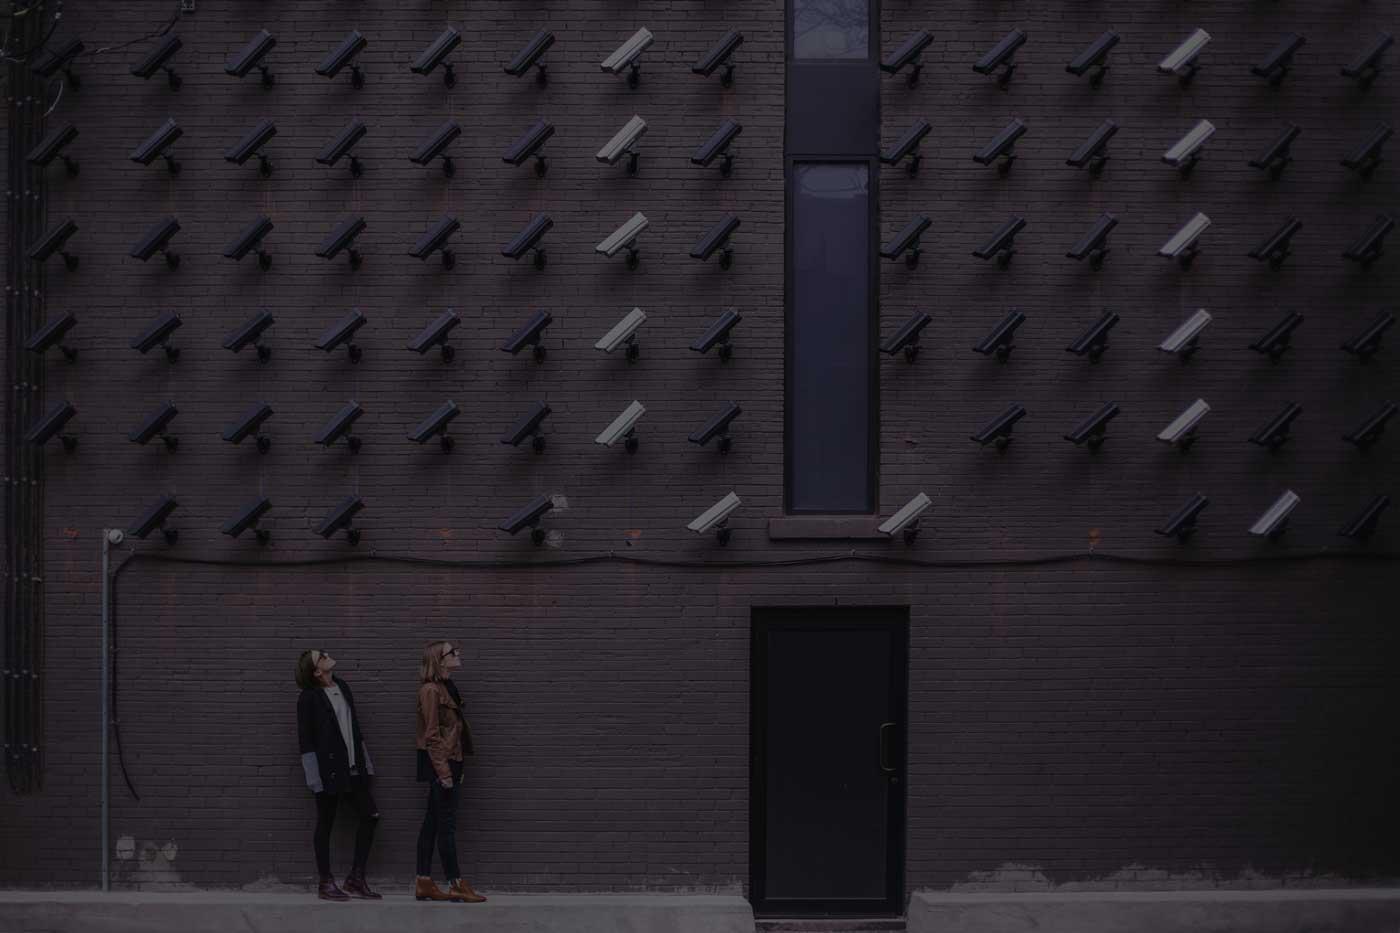 foto di un muro con molte telecamere